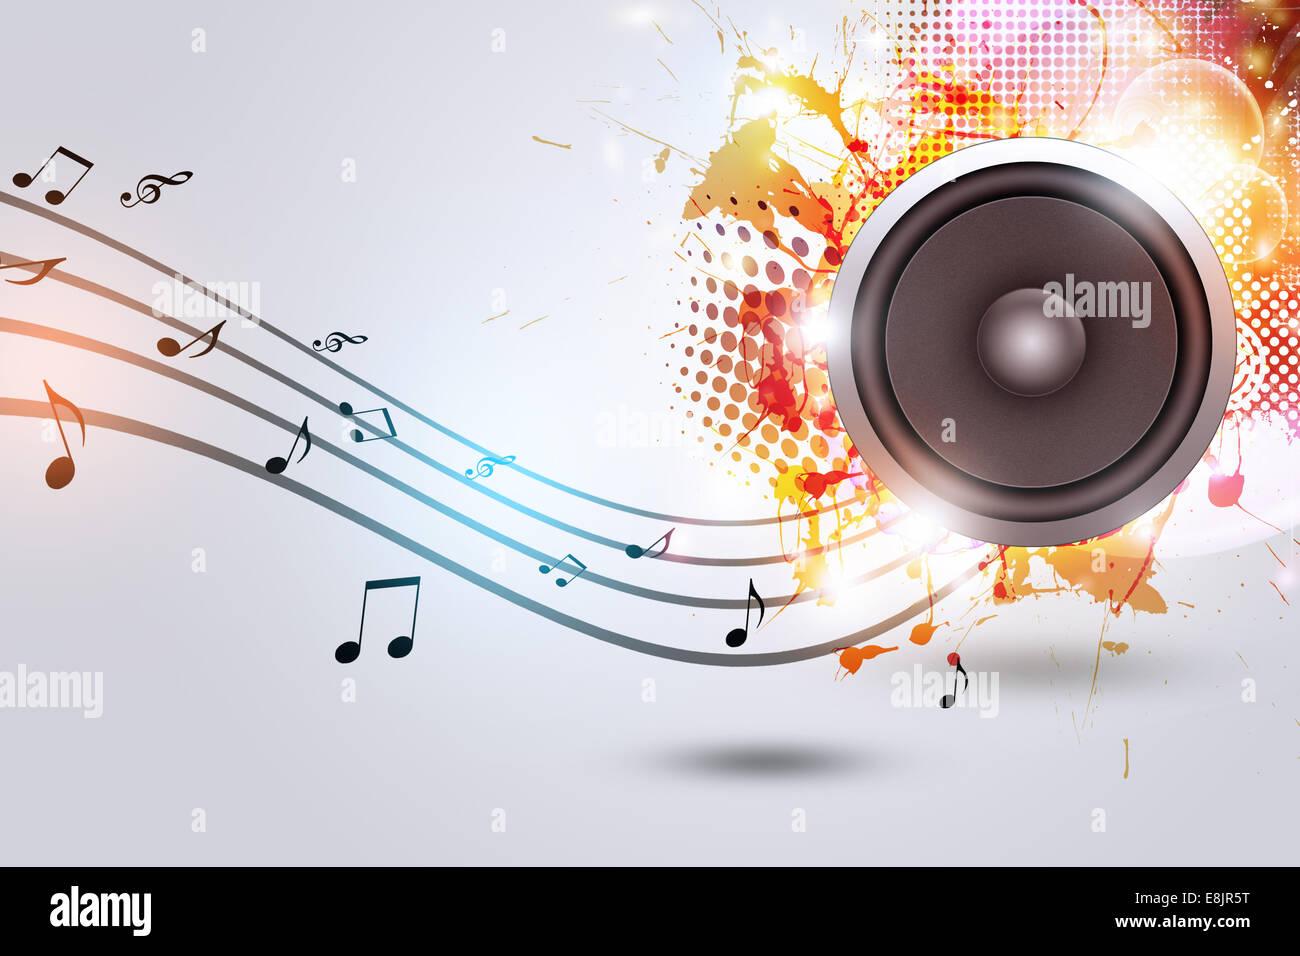 Altavoz de sonido de fondo m sica con notas musicales y for Altavoz de musica